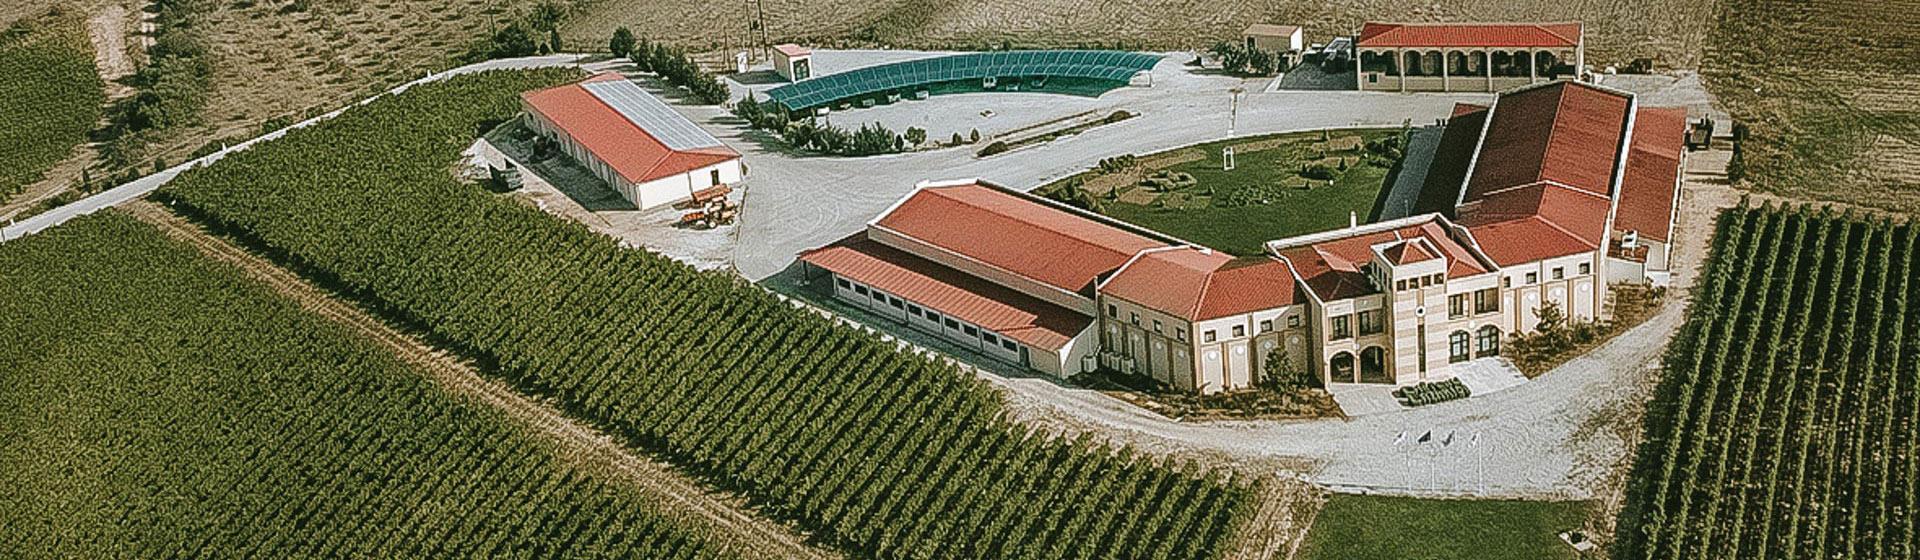 Οινοποιείο Λαζαρίδη - Château Nico Lazaridi